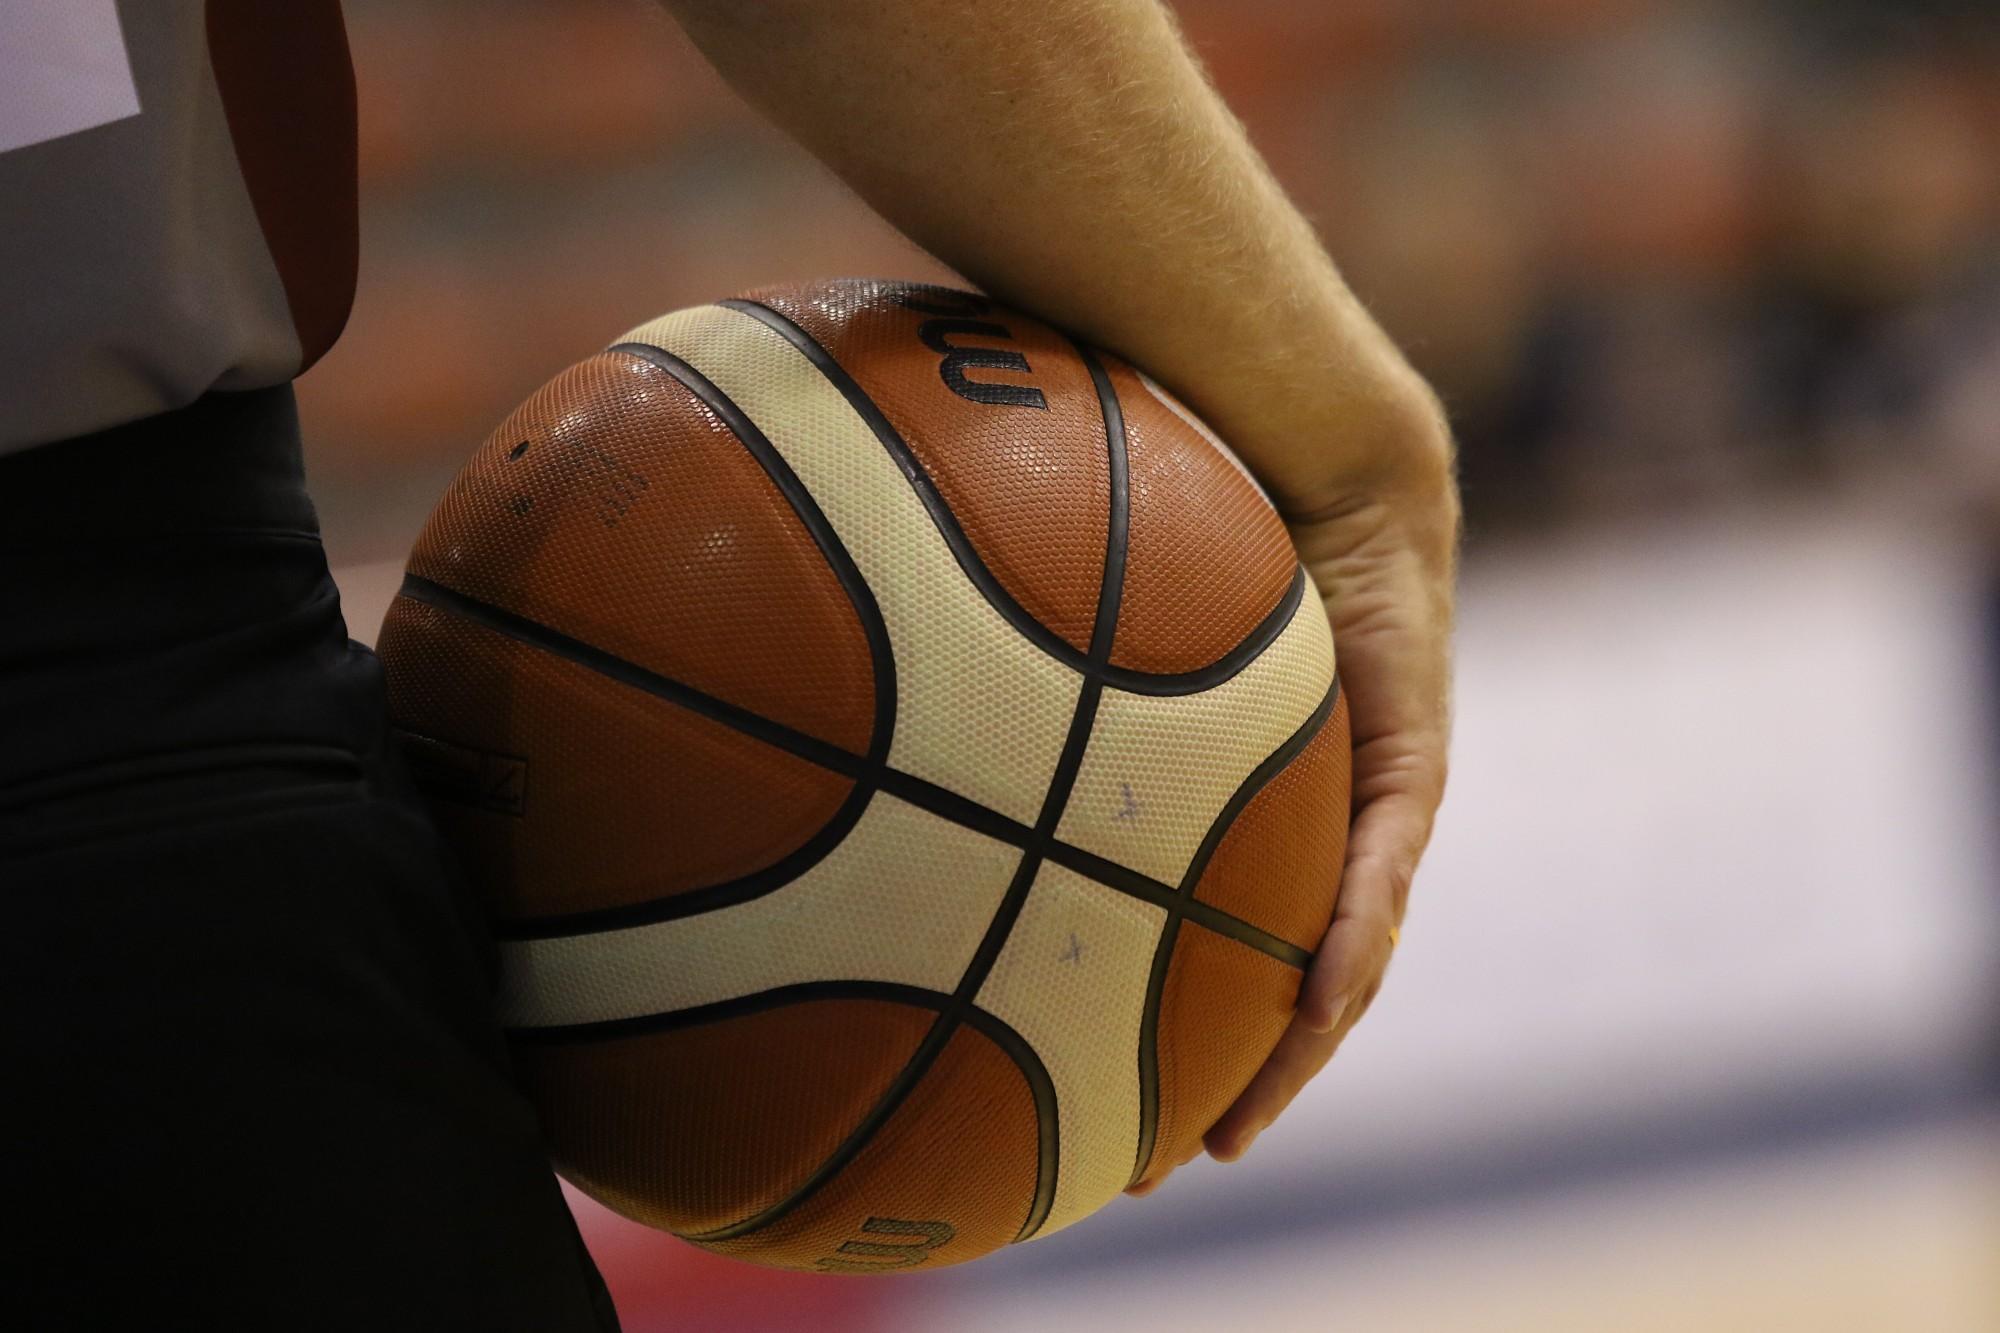 Norisināsies starptautiskas sacensības basketbolā